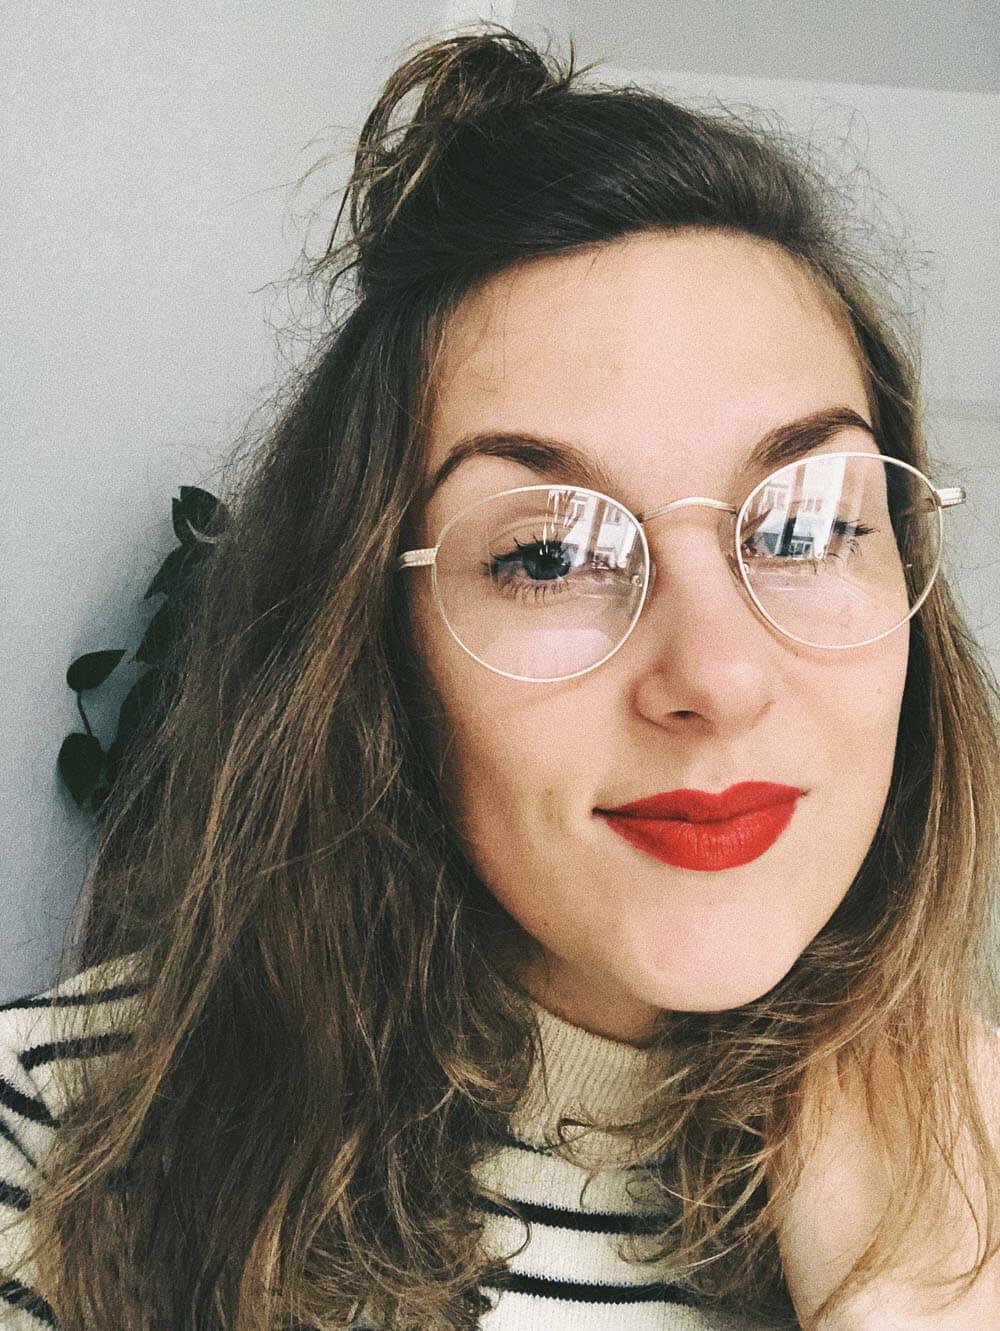 Mit Brille Ist Es Am Besten